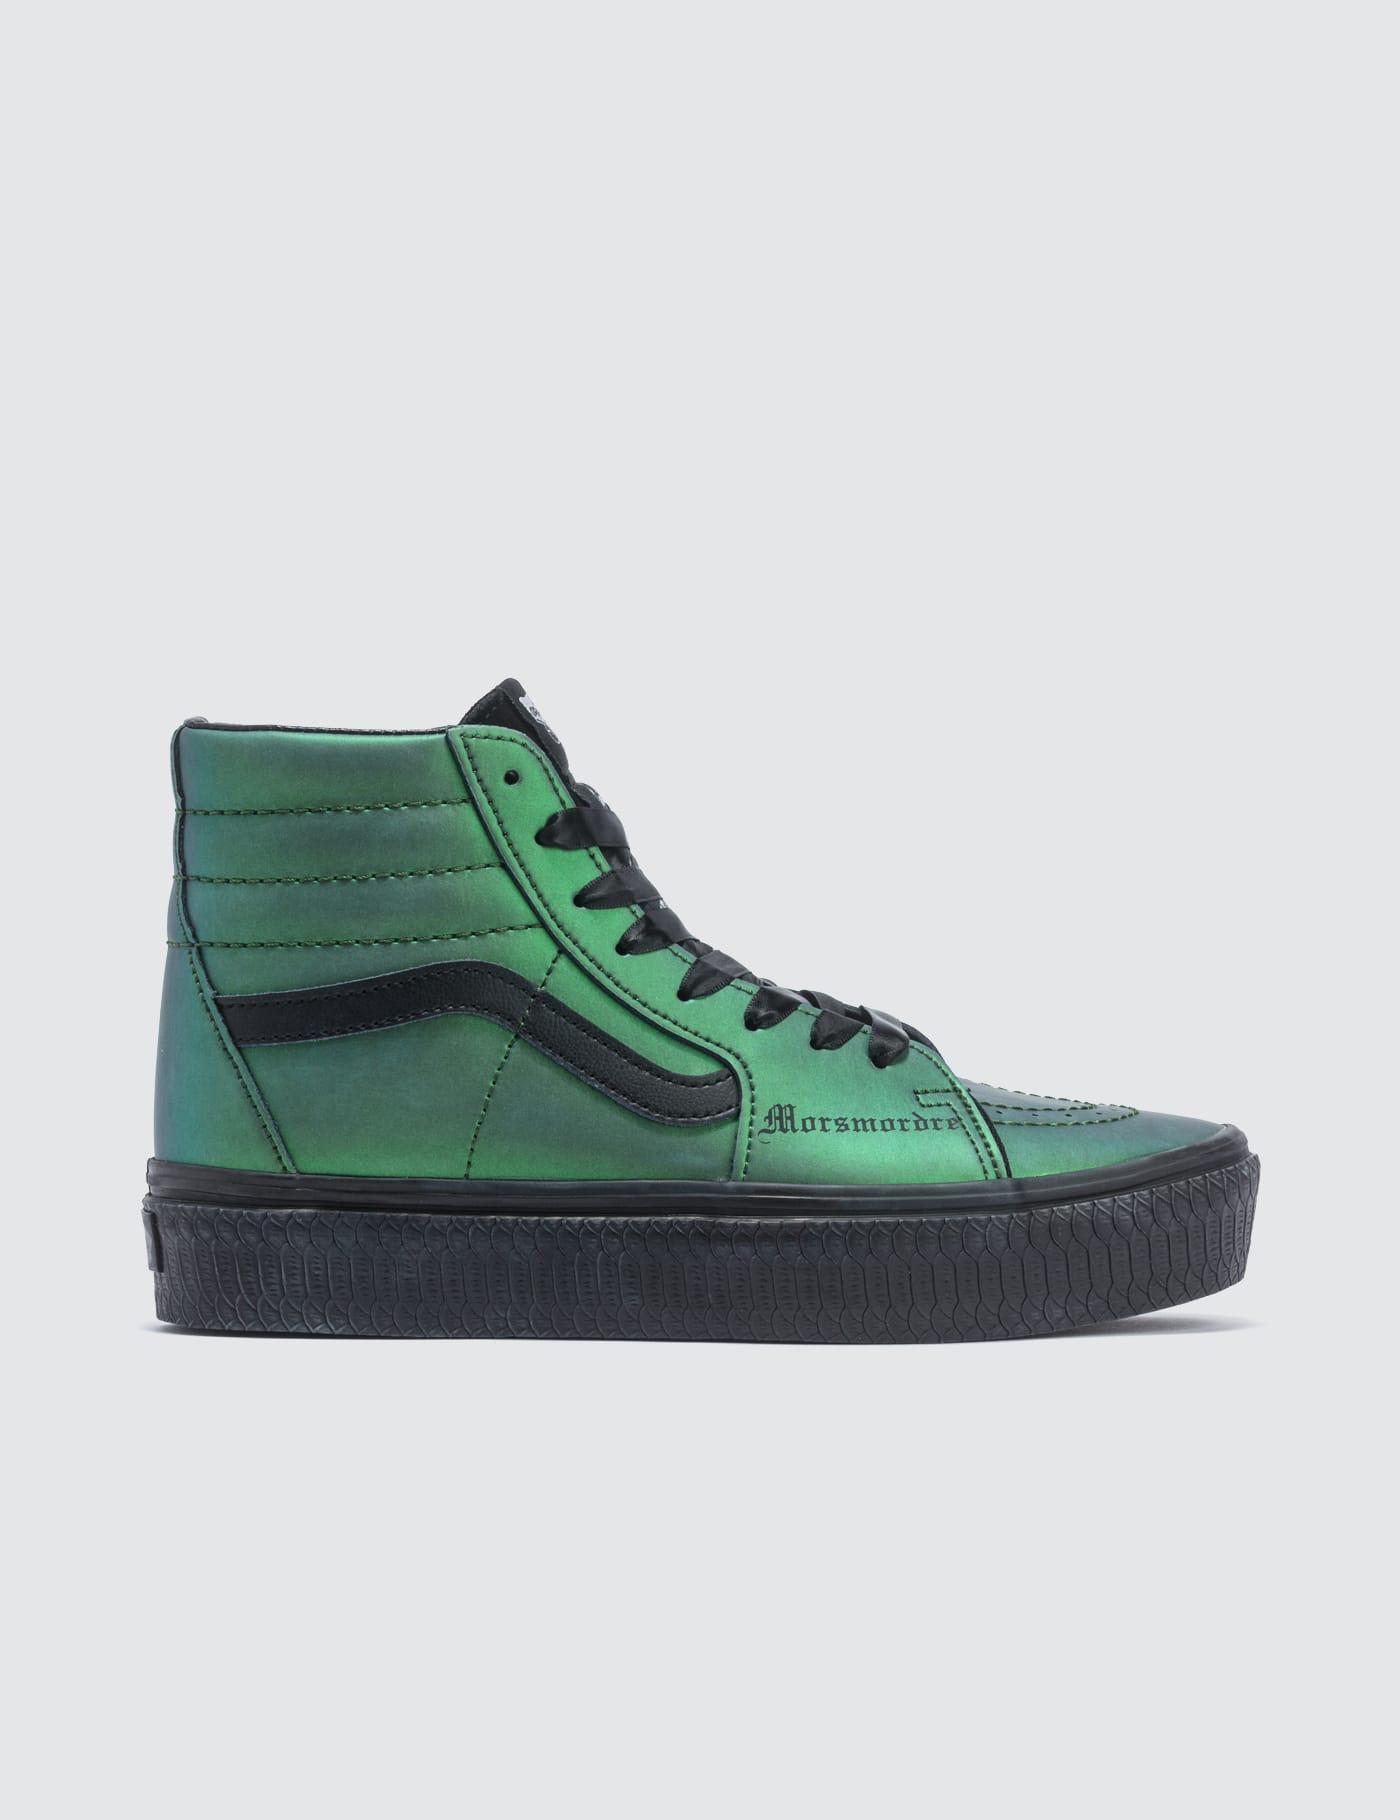 harry potter green vans